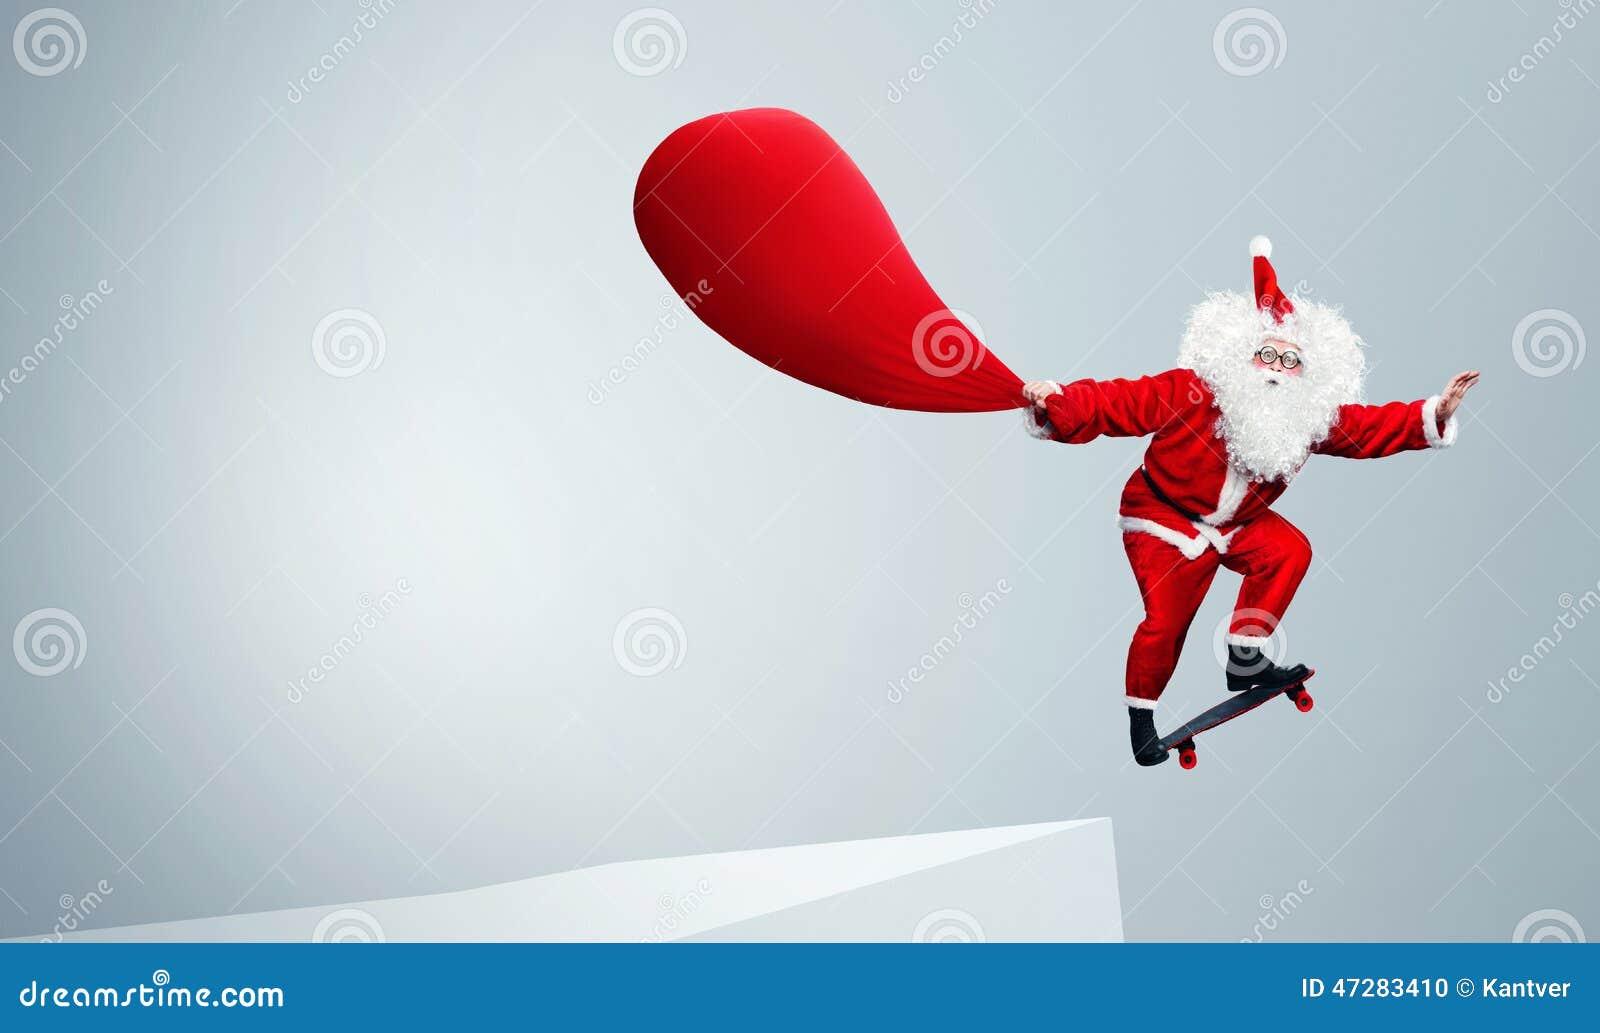 Santa Claus Jumping With Skateboard Stock Photo Image Click Santa Claus Skateboard